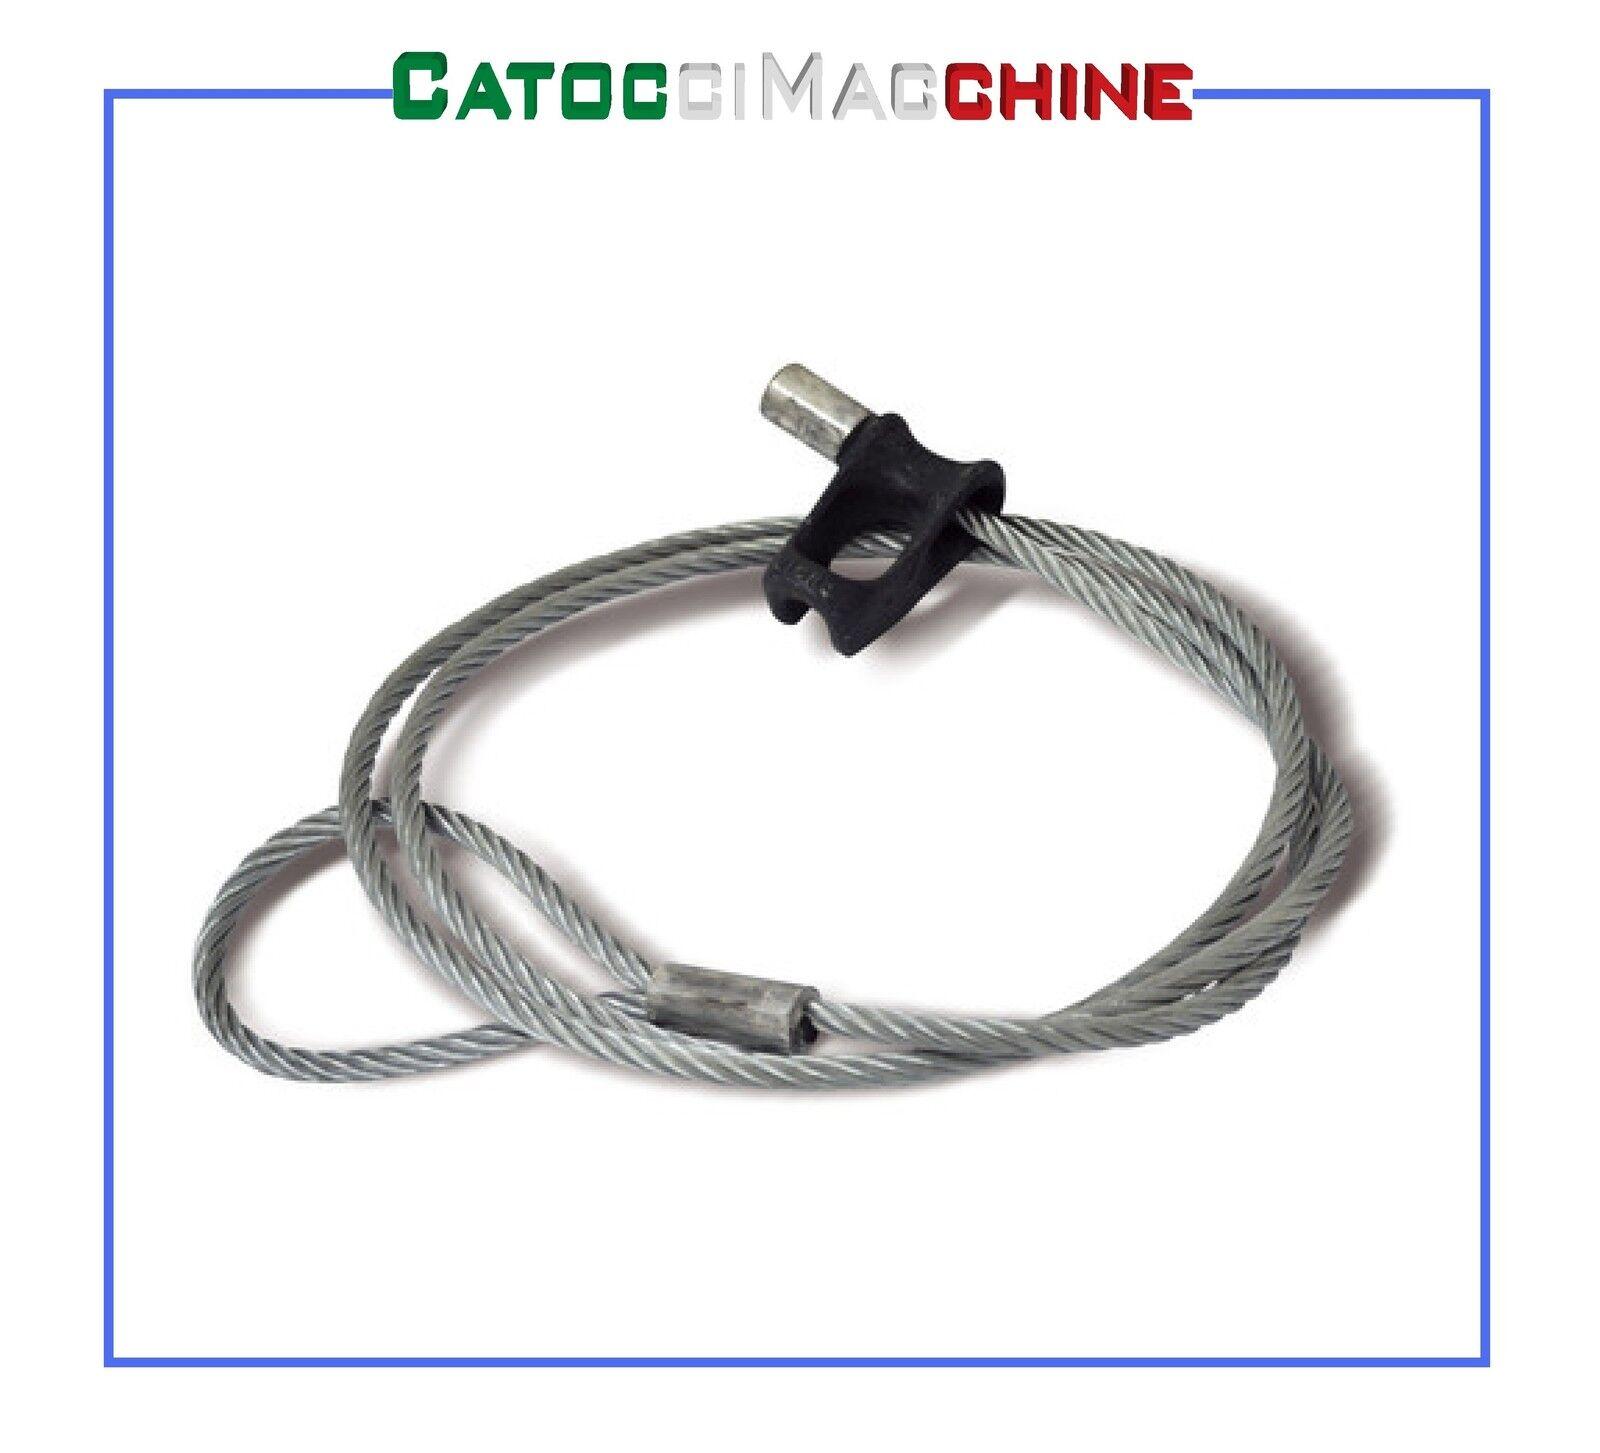 Tirante Chocker para Cabrestante Forestal Ø 10mm 2 MT Docma 310007